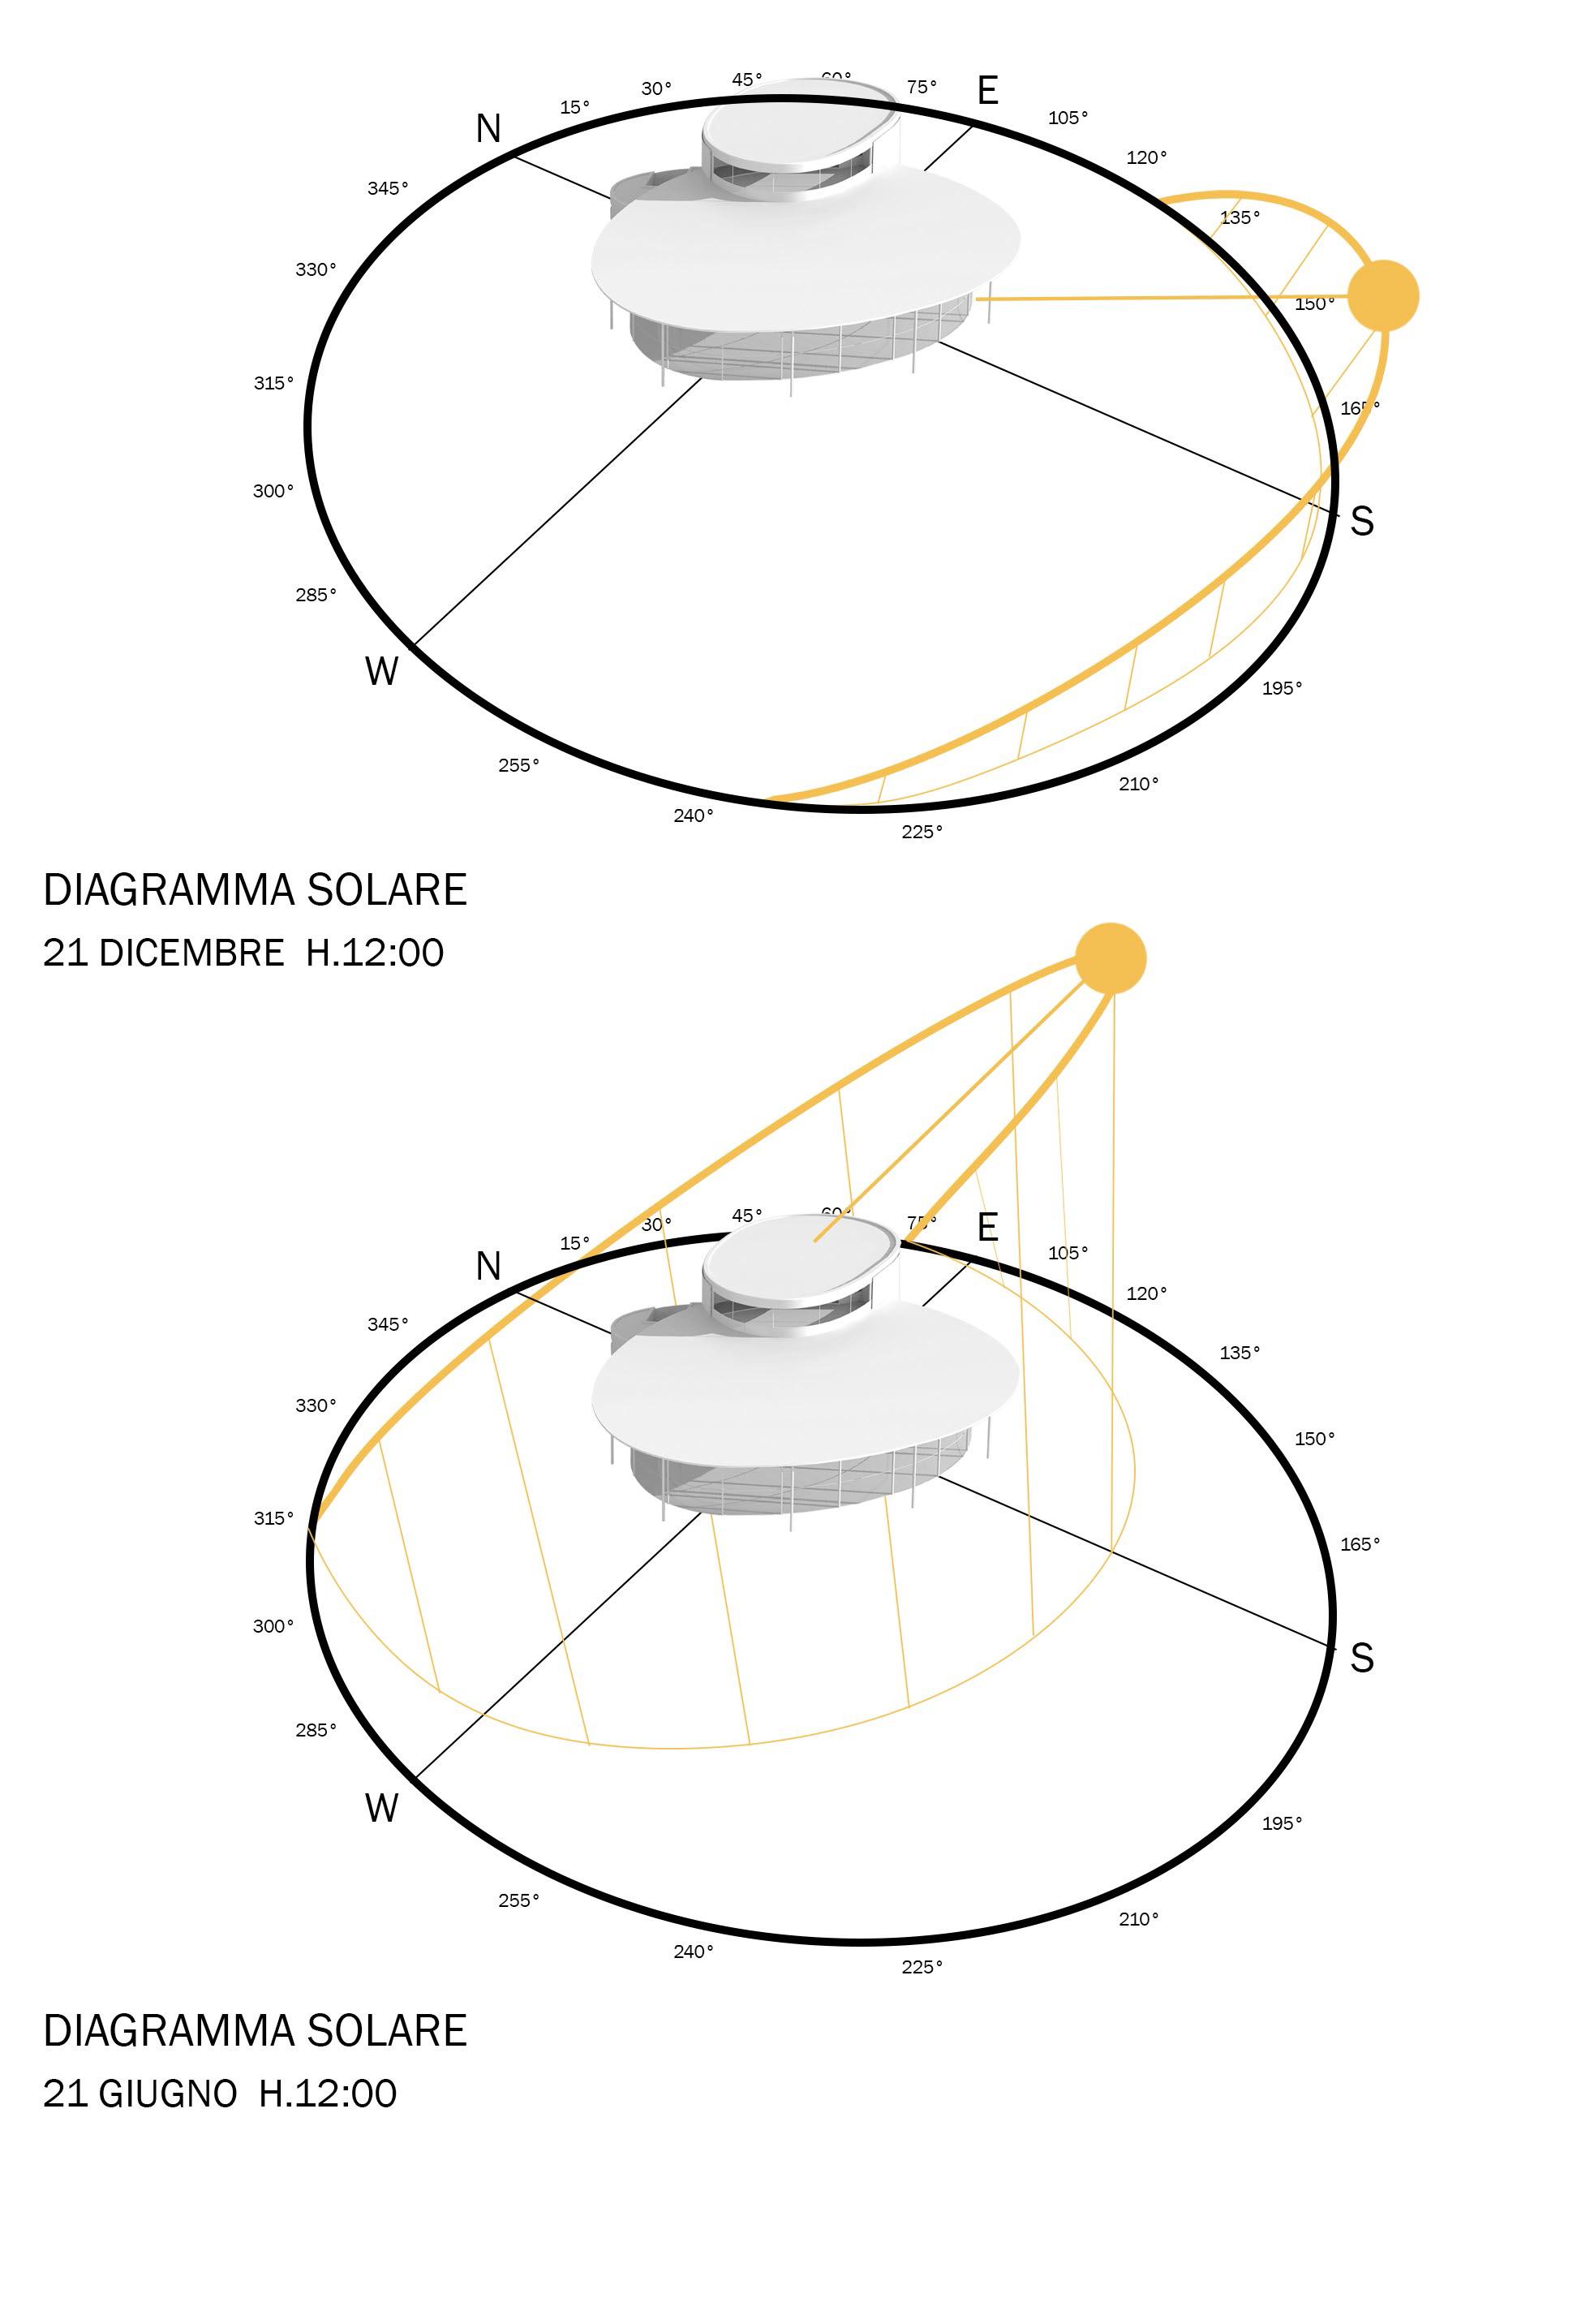 diagramma solare